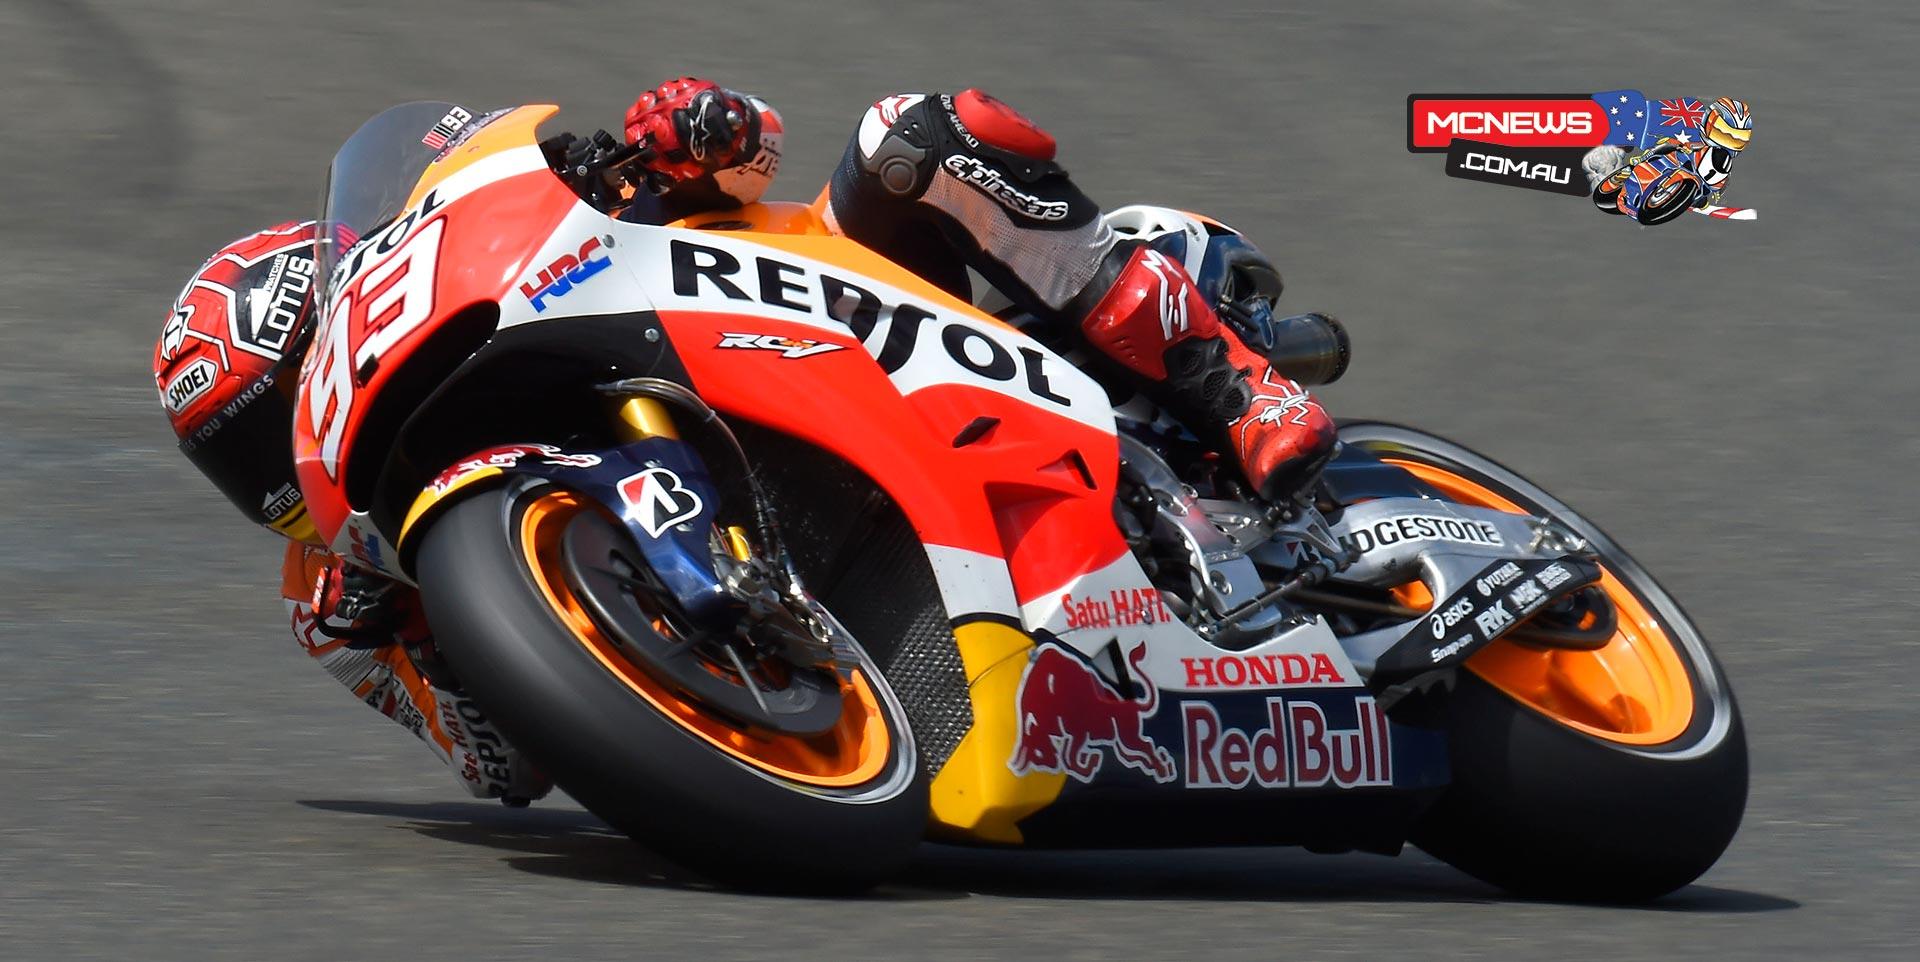 Marc Marquez claims Le Mans MotoGP pole